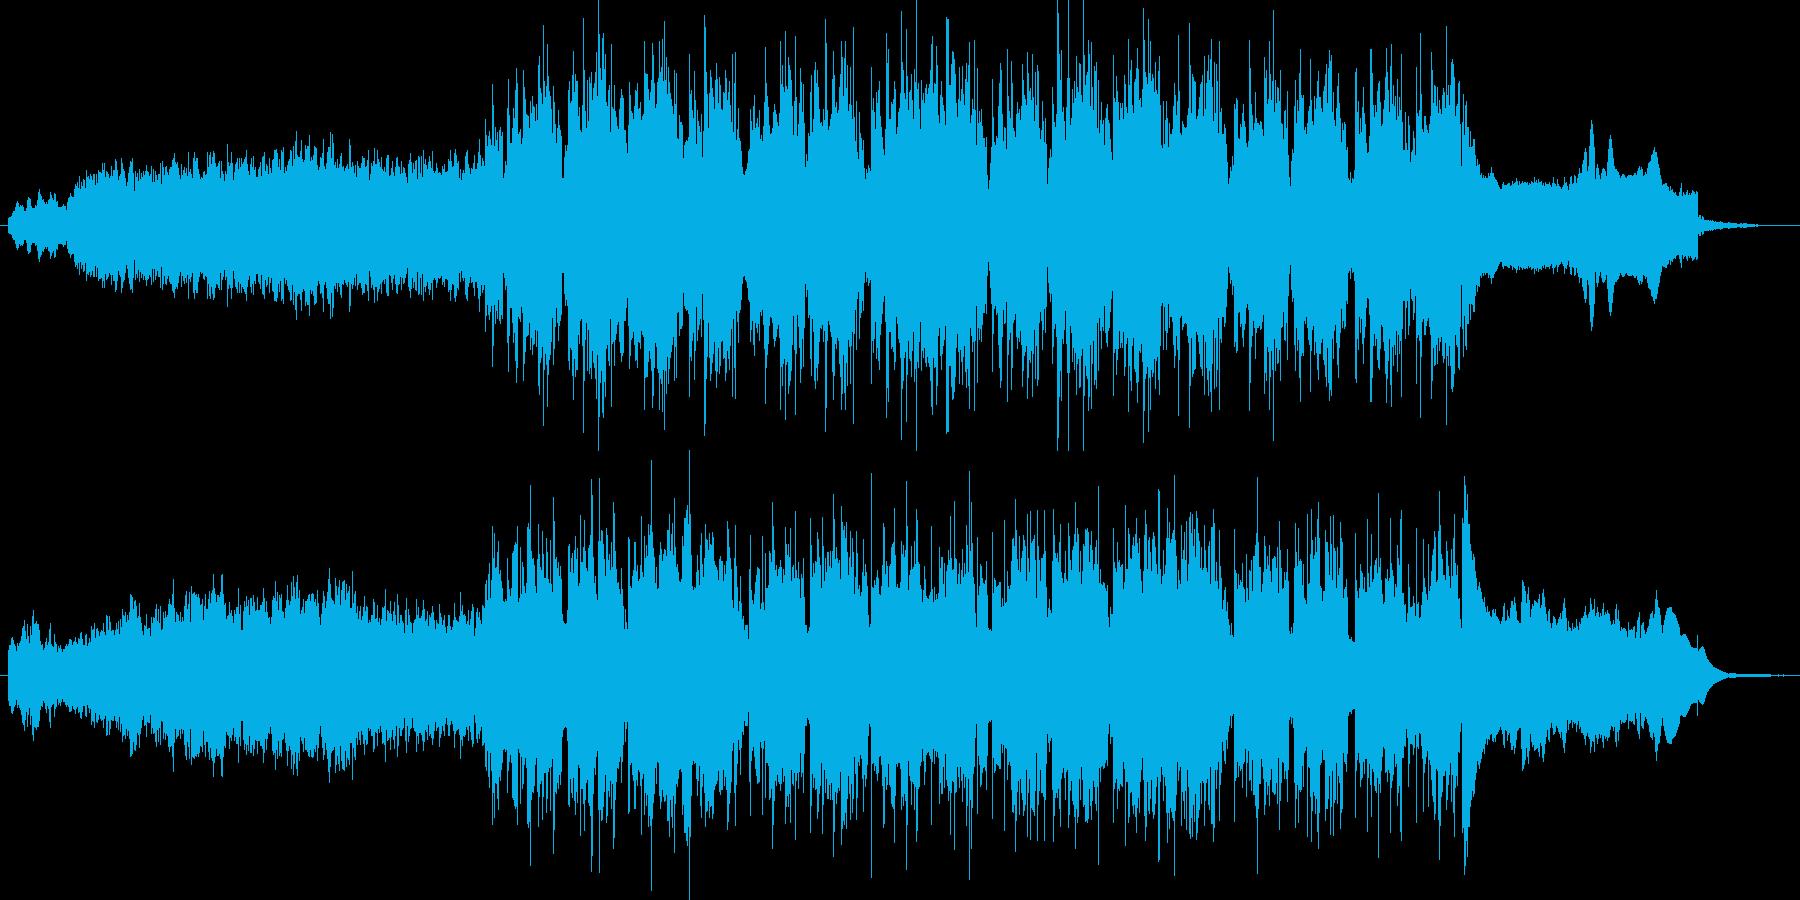 リズミカルな宇宙っぽい音楽の再生済みの波形